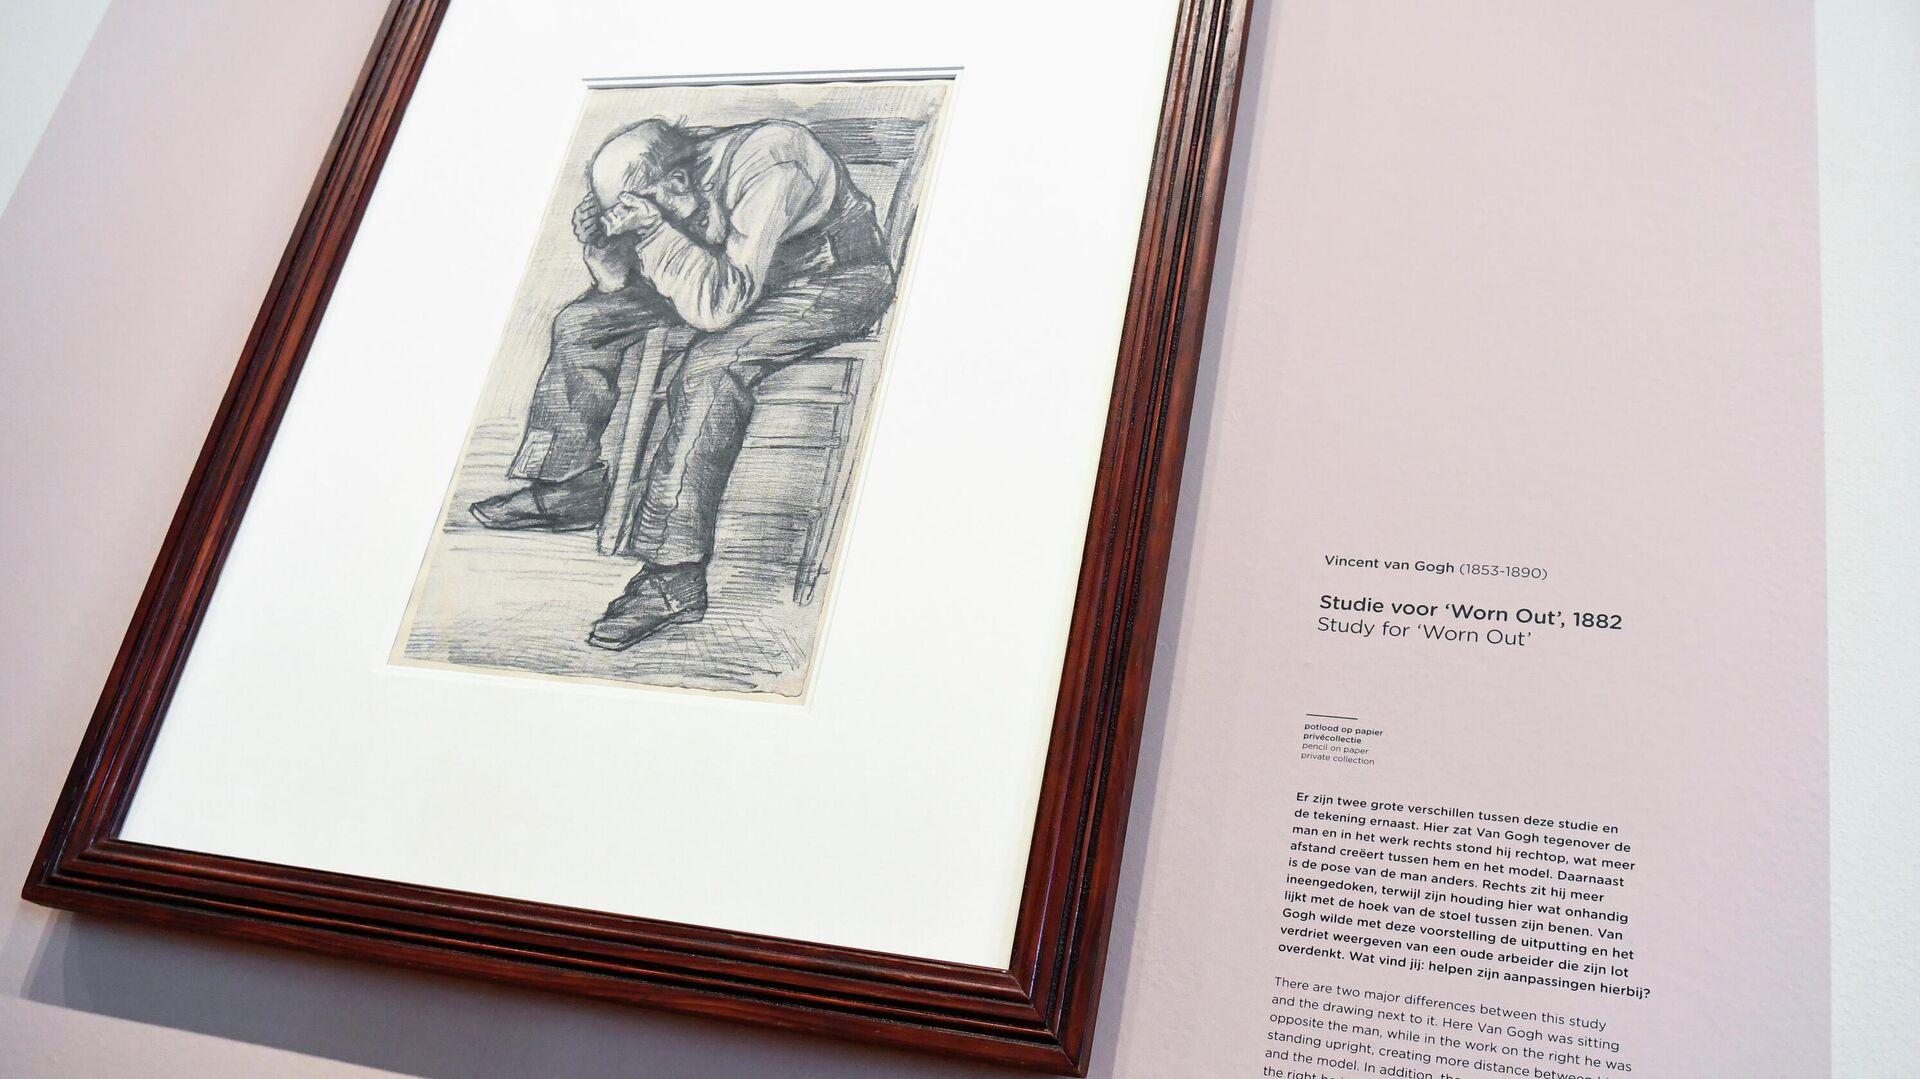 Dünyaca ünlü Hollandalı ressam Vincent Van Gogh'a ait kara kalem çalışması, Hollanda'nın başkenti Amsterdam'da ilk kez sergilendi. - Sputnik Türkiye, 1920, 17.09.2021